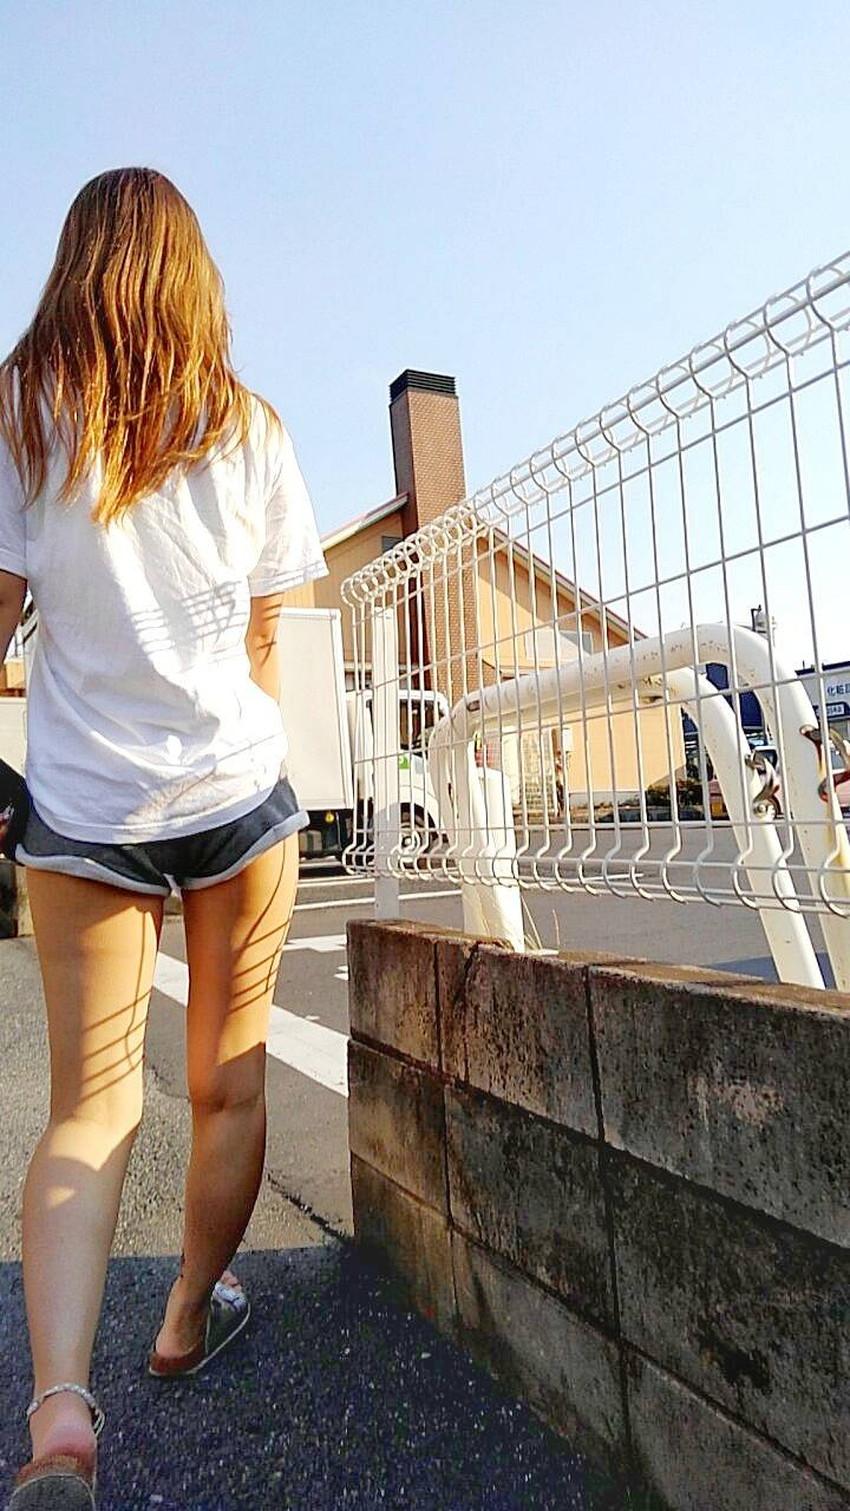 【生足エロ画像】ショーパンやミニスカの生足女子の美脚やパンチラ、ハミケツが最高過ぎる生足のエロ画像集!ww【80枚】 65